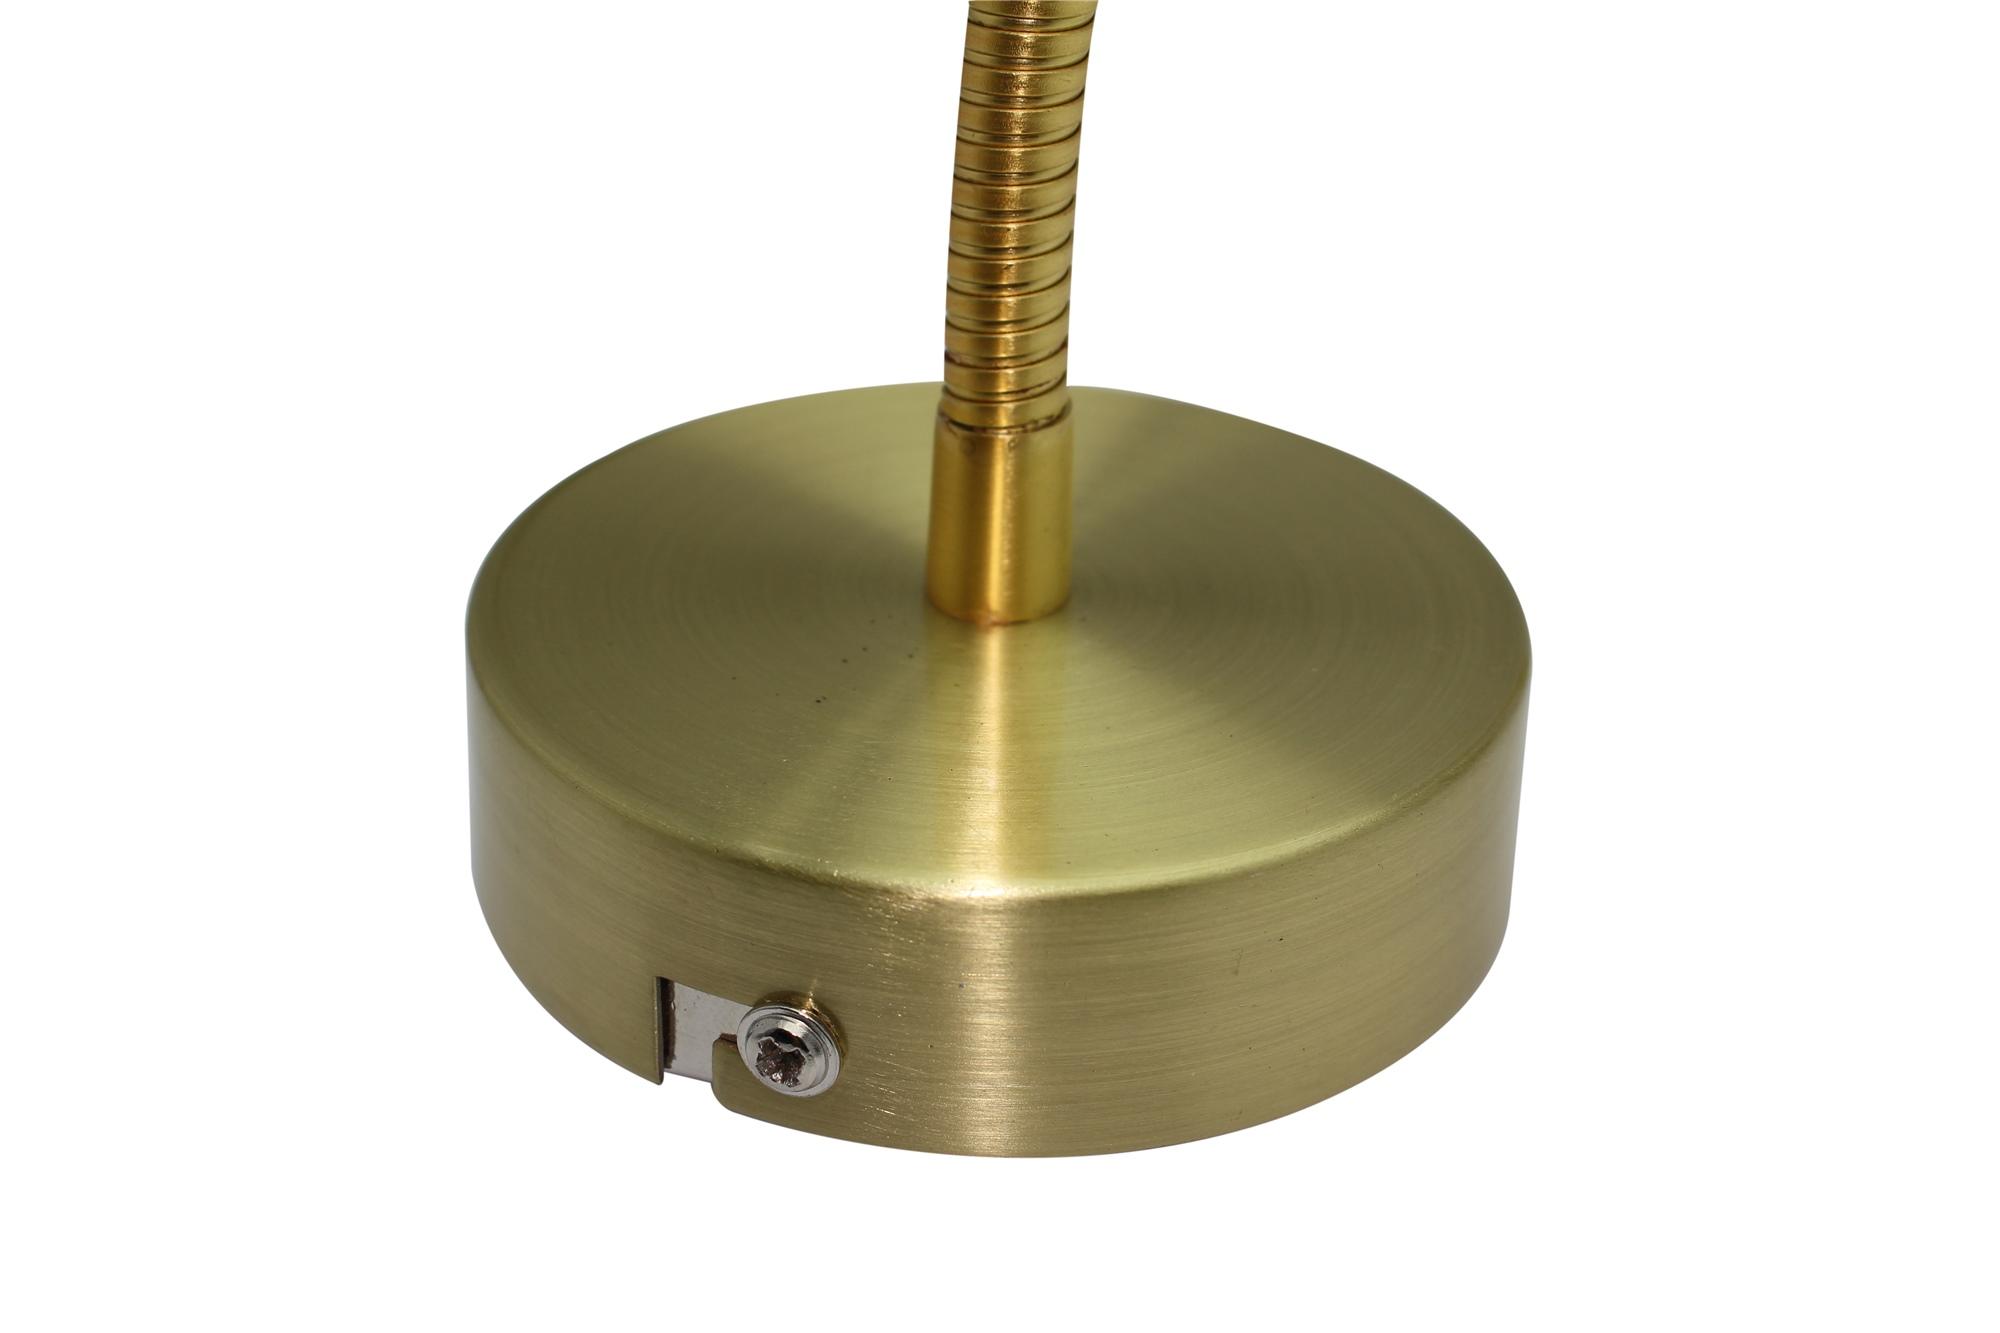 Lampenlux High Power LED Wandlampe Wandleuchte Amur Leselampe Schalter Schwanenhals Bettleuchte Bettlampe Gold 1W